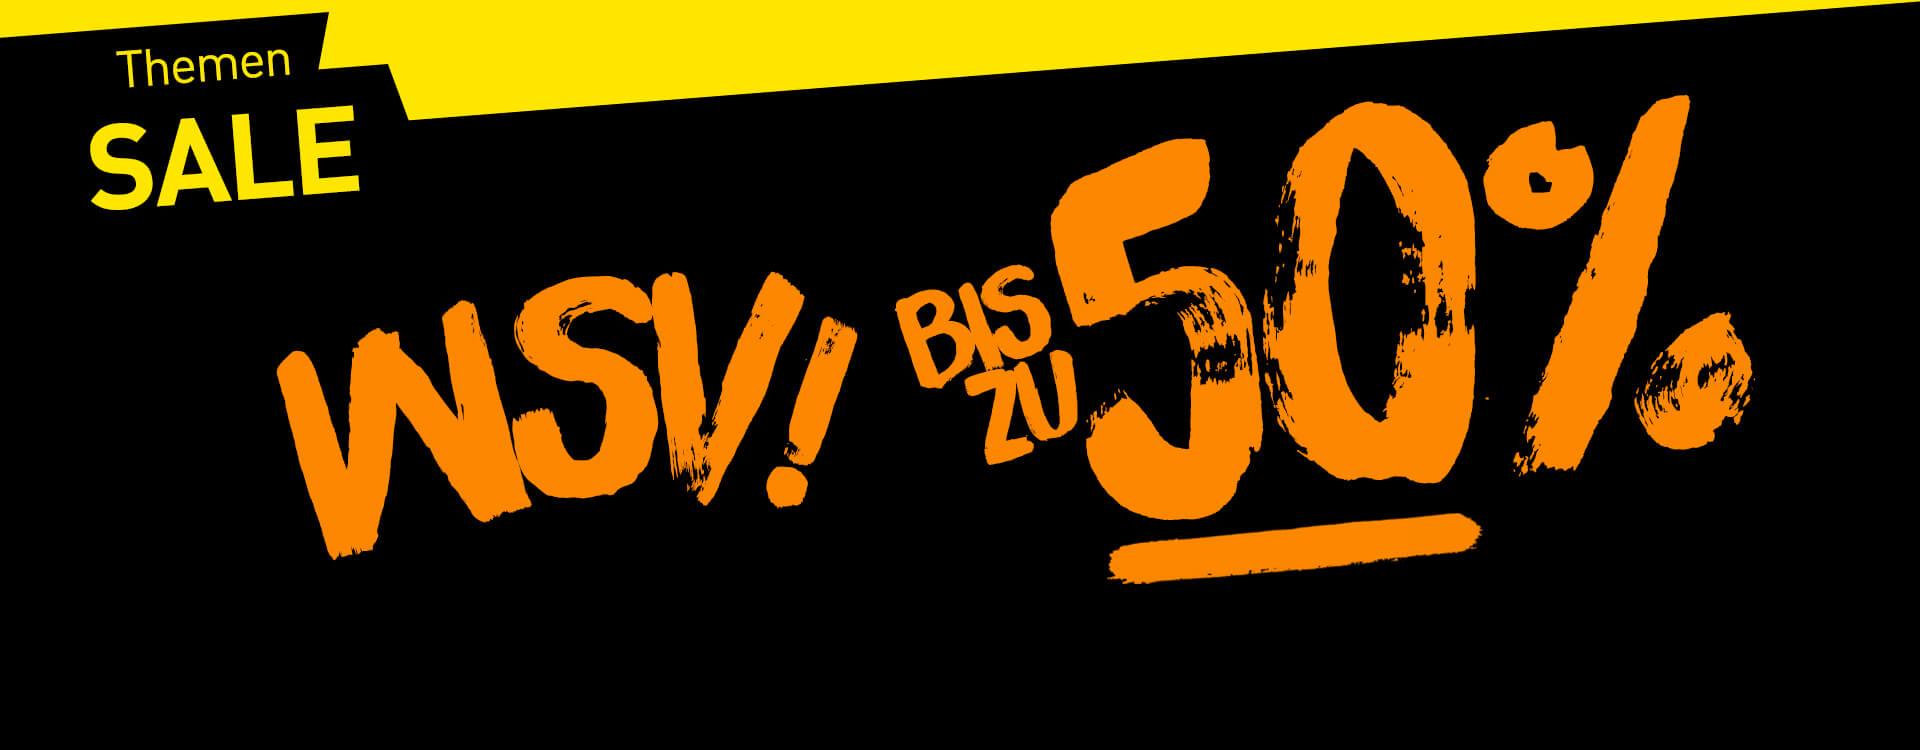 Onlineshop-Kategoriebuehnen-Desktop-1920x750px-WSV-50